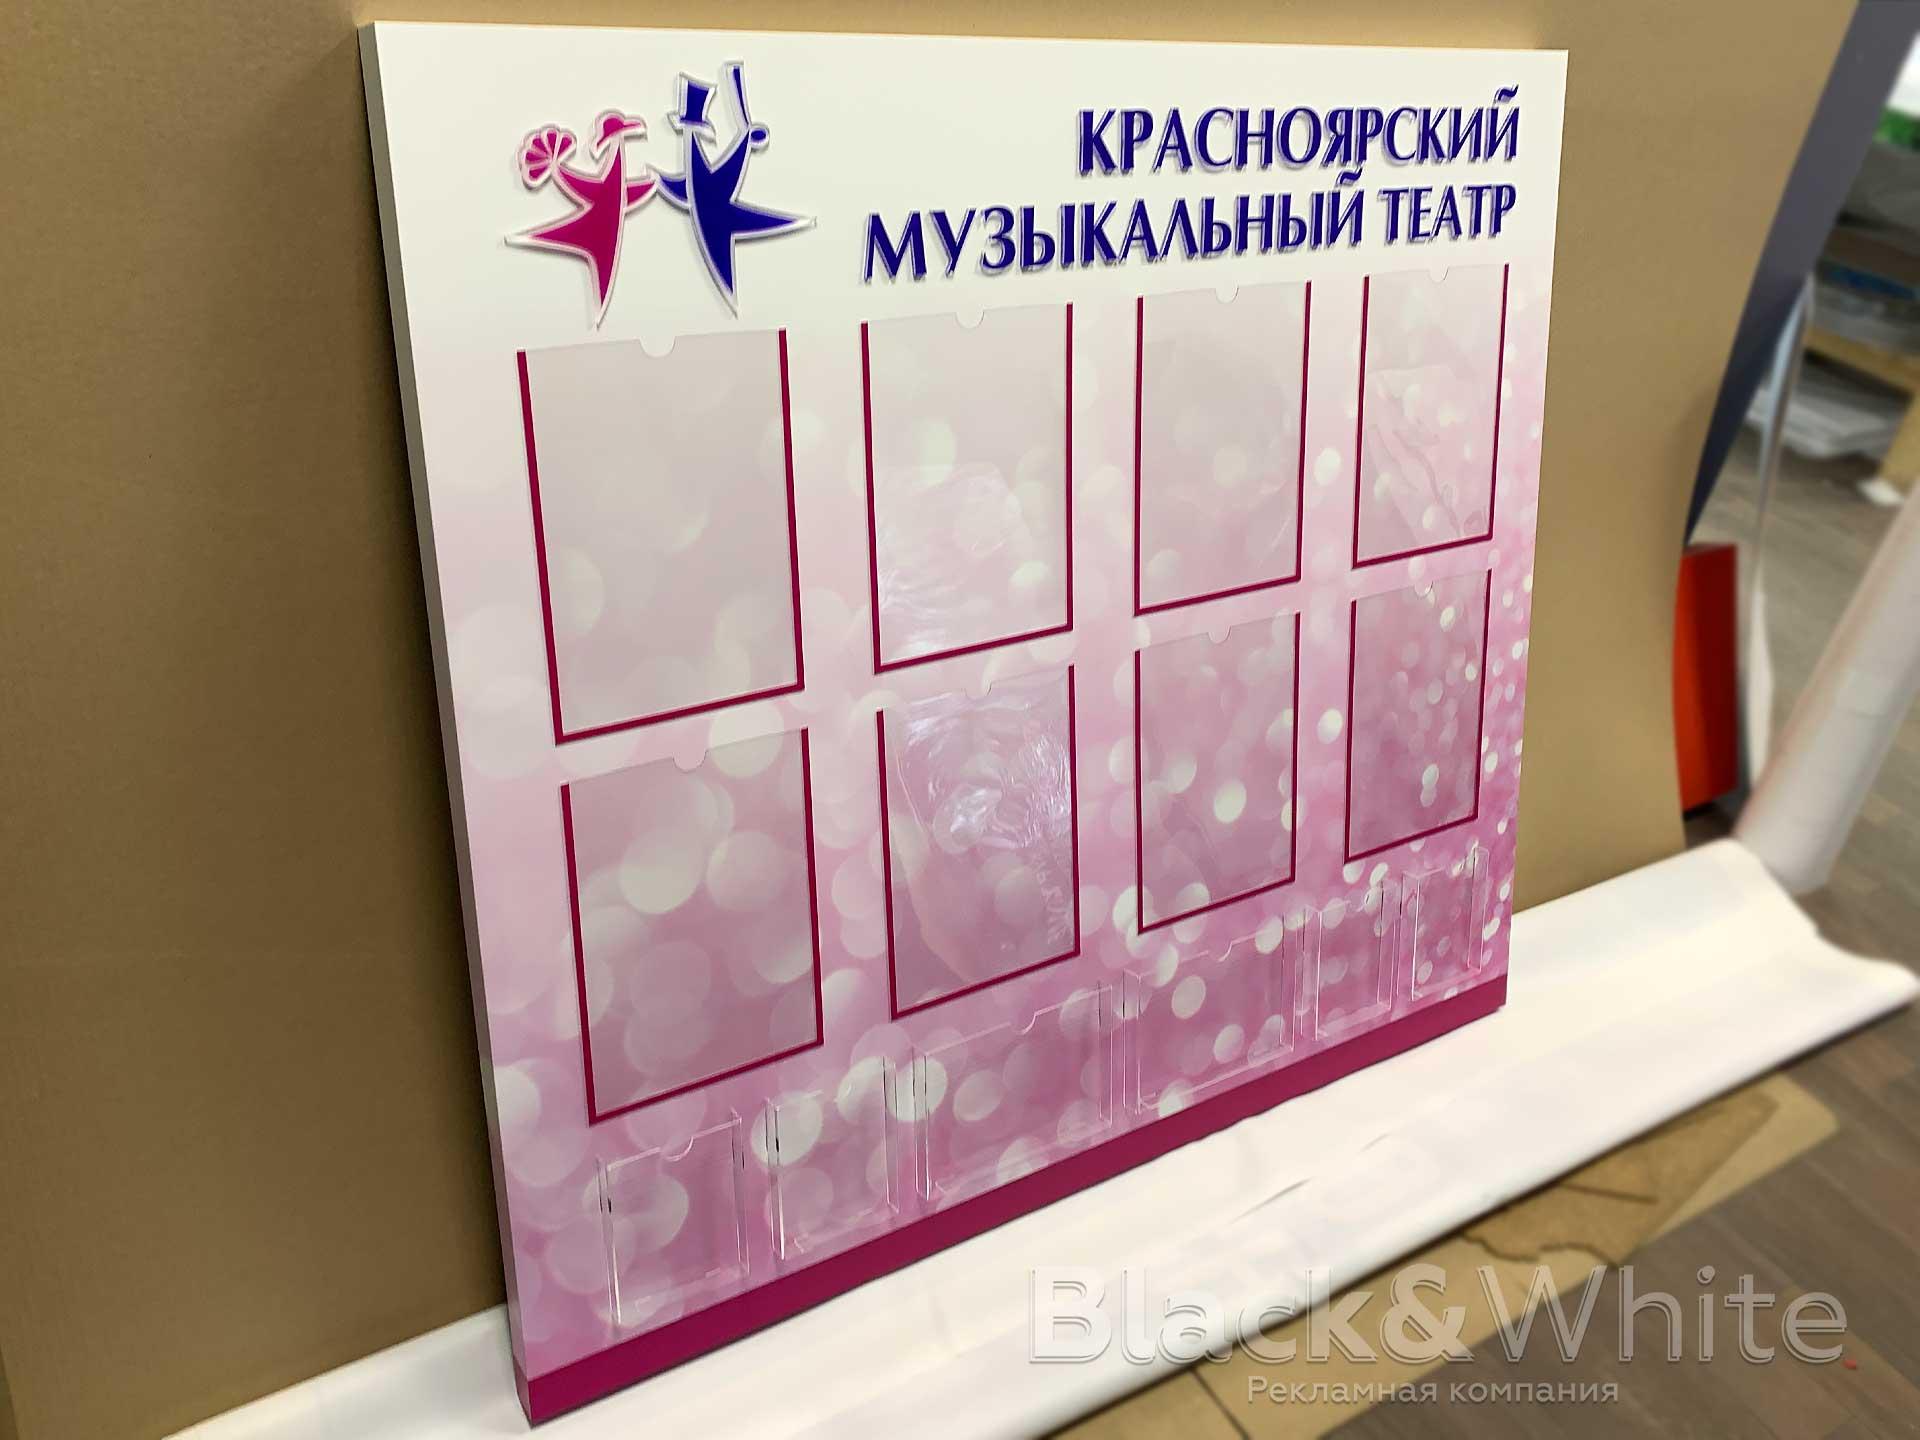 стенд-с-карманами-для-информации-для-музыкального-театрав--Красноярске.jpg